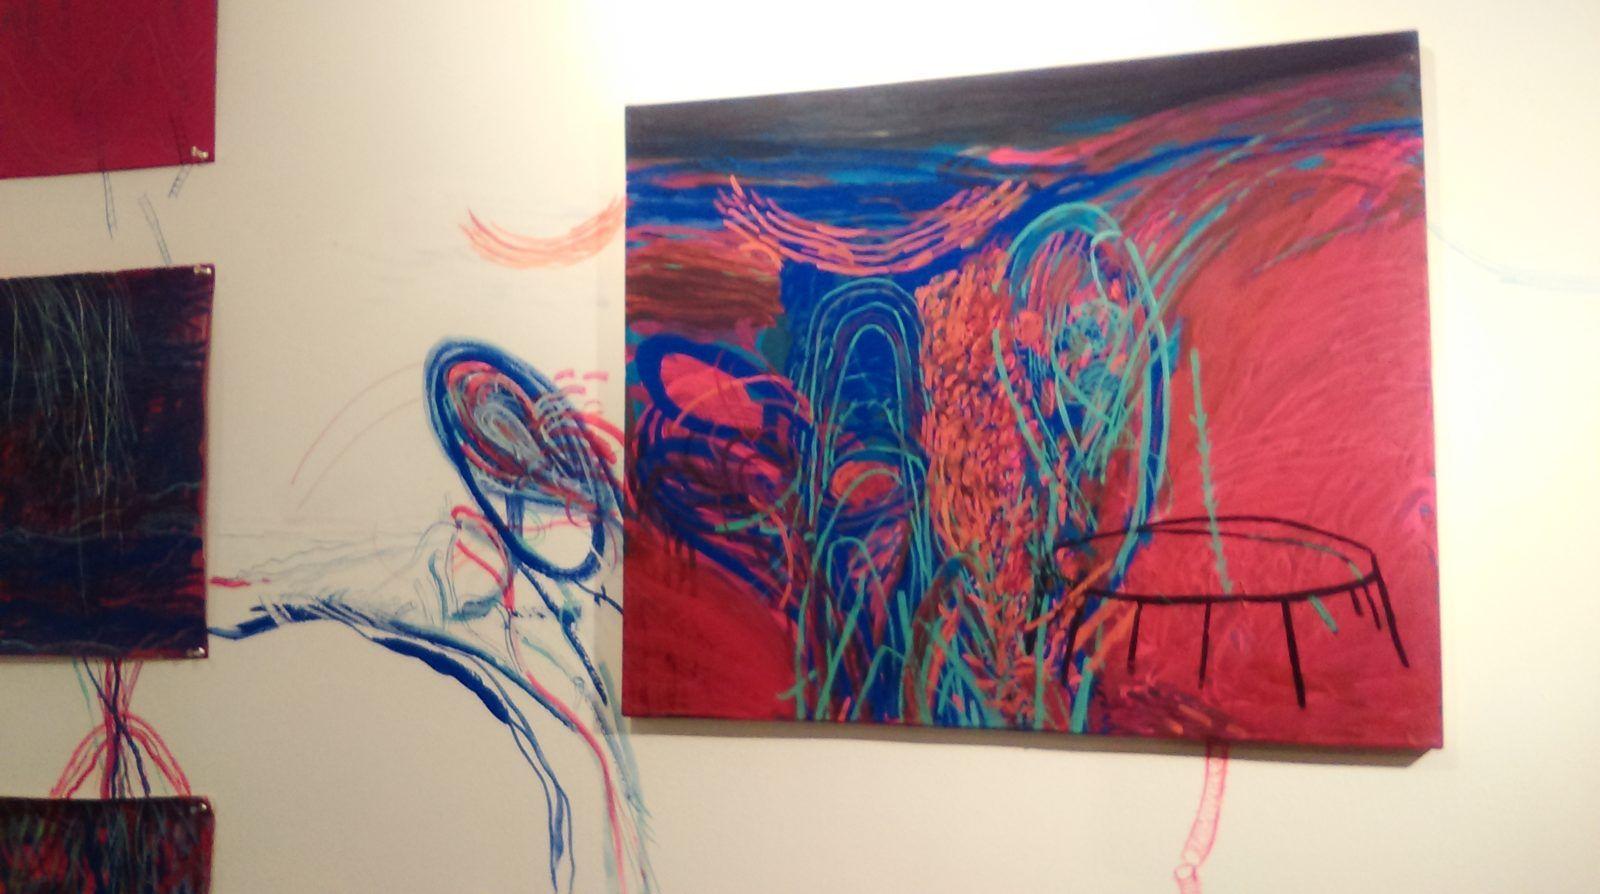 """Detalle de """"Apuntes para un dibujo residual"""" (2016), obra de Luis Noguera"""